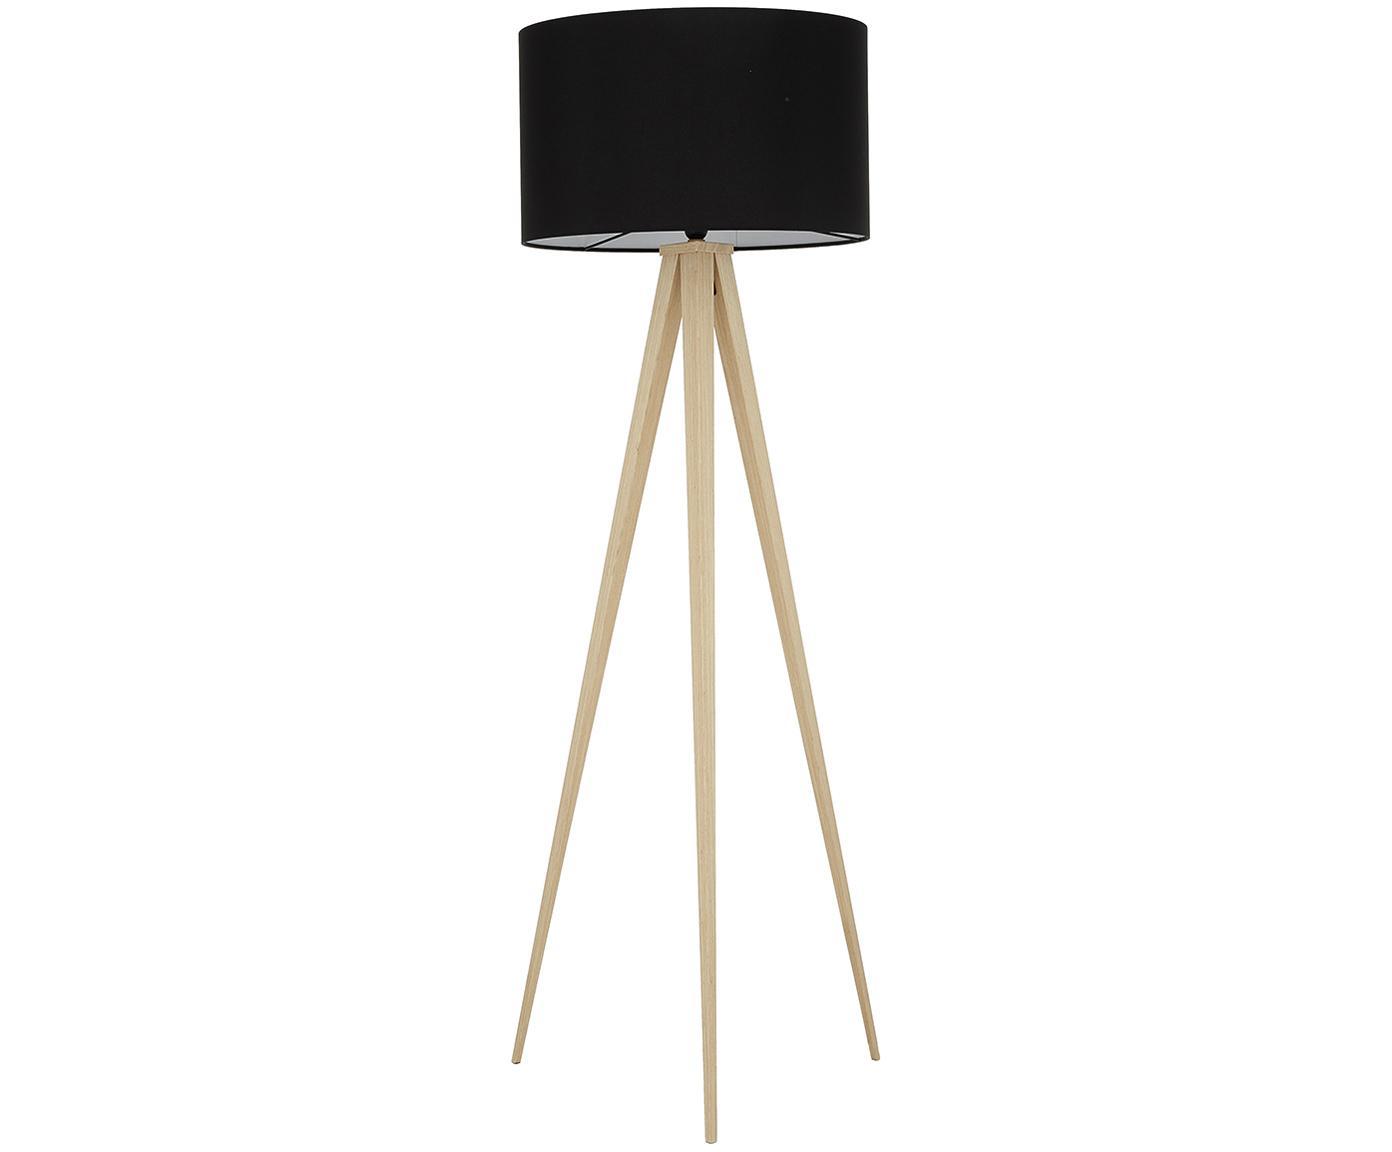 Stehlampe Jake, Lampenschirm: Baumwolle, Lampenfuß: Metall mit Echtholzfurnie, Lampenschirm: SchwarzLampenfuß: Holzfurnier, Ø 50 x H 154 cm